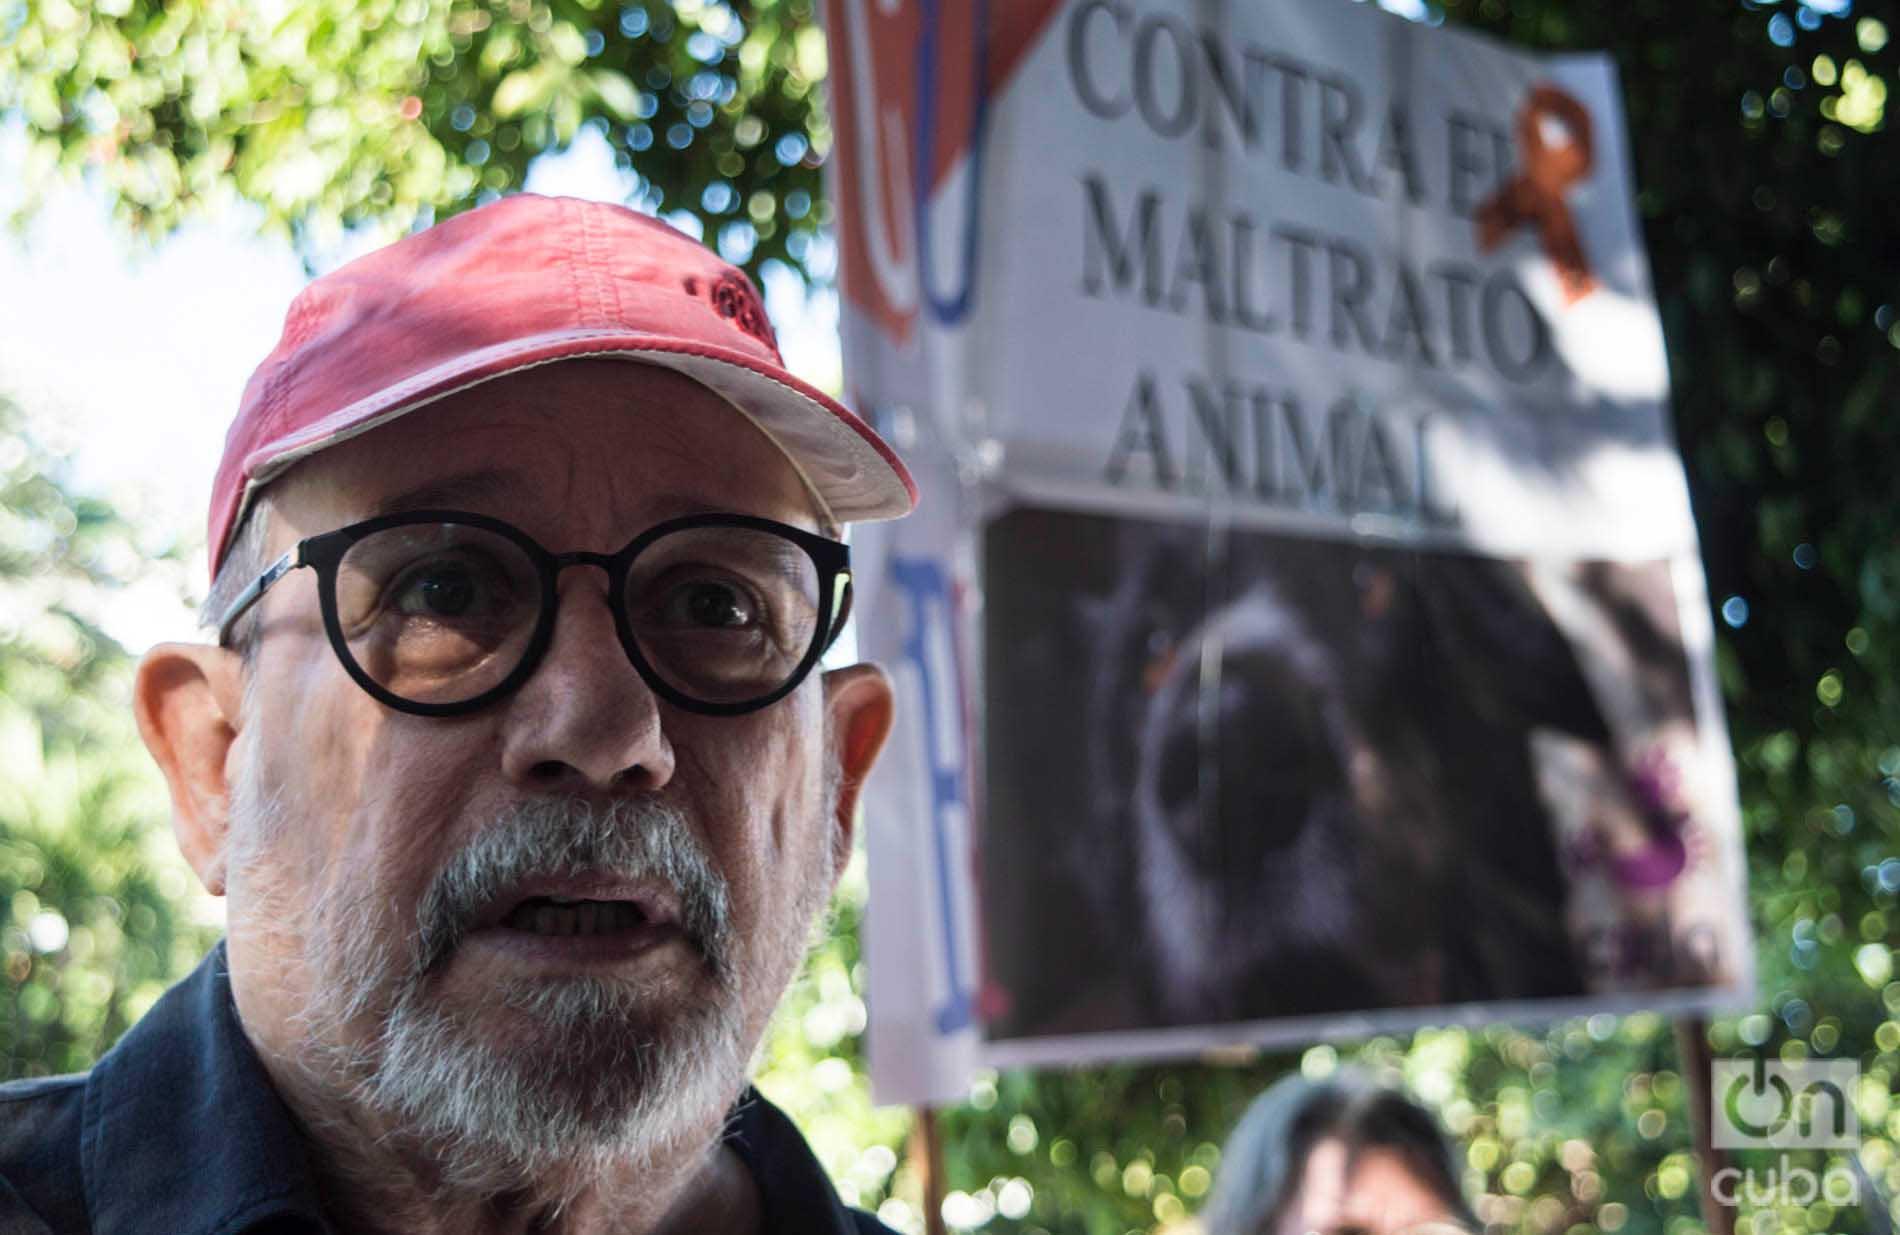 El trovador Silvio Rodríguez, en la marcha contra el maltrato animal, el 7 de abril de 2019 en La Habana. Foto: Otmaro Rodríguez.